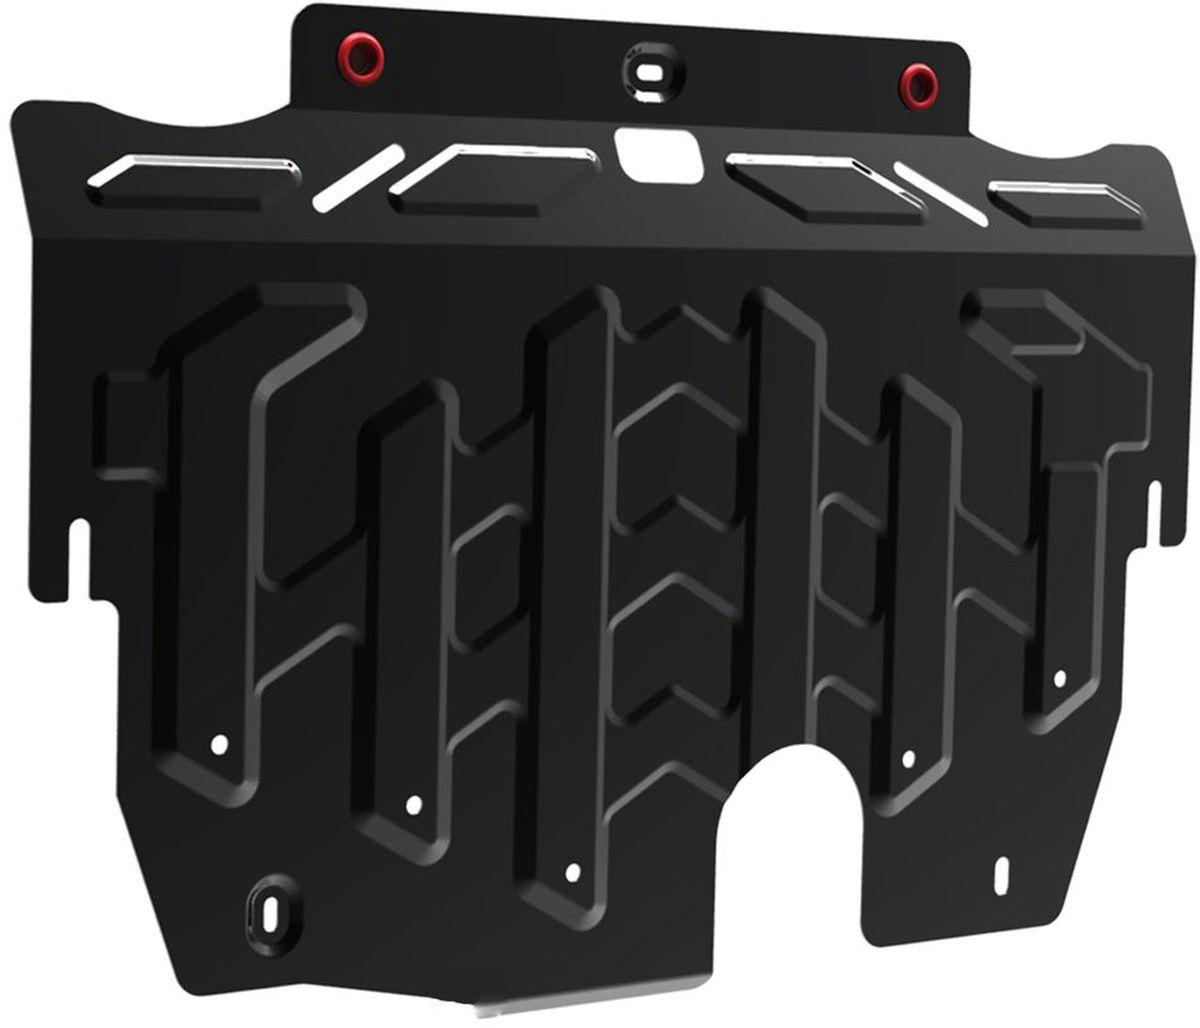 Защита картера и КПП Автоброня, для Ford Galaxy/Mondeo/S-Max. 111.01827.1MW-3101Технологически совершенный продукт за невысокую стоимость.Защита разработана с учетом особенностей днища автомобиля, что позволяет сохранить дорожный просвет с минимальным изменением.Защита устанавливается в штатные места кузова автомобиля. Глубокий штамп обеспечивает до двух раз больше жесткости в сравнении с обычной защитой той же толщины. Проштампованные ребра жесткости препятствуют деформации защиты при ударах.Тепловой зазор и вентиляционные отверстия обеспечивают сохранение температурного режима двигателя в норме. Скрытый крепеж предотвращает срыв крепежных элементов при наезде на препятствие.Шумопоглощающие резиновые элементы обеспечивают комфортную езду без вибраций и скрежета металла, а съемные лючки для слива масла и замены фильтра - экономию средств и время.Конструкция изделия не влияет на пассивную безопасность автомобиля (при ударе защита не воздействует на деформационные зоны кузова). Со штатным крепежом. В комплекте инструкция по установке.Толщина стали: 2 мм.